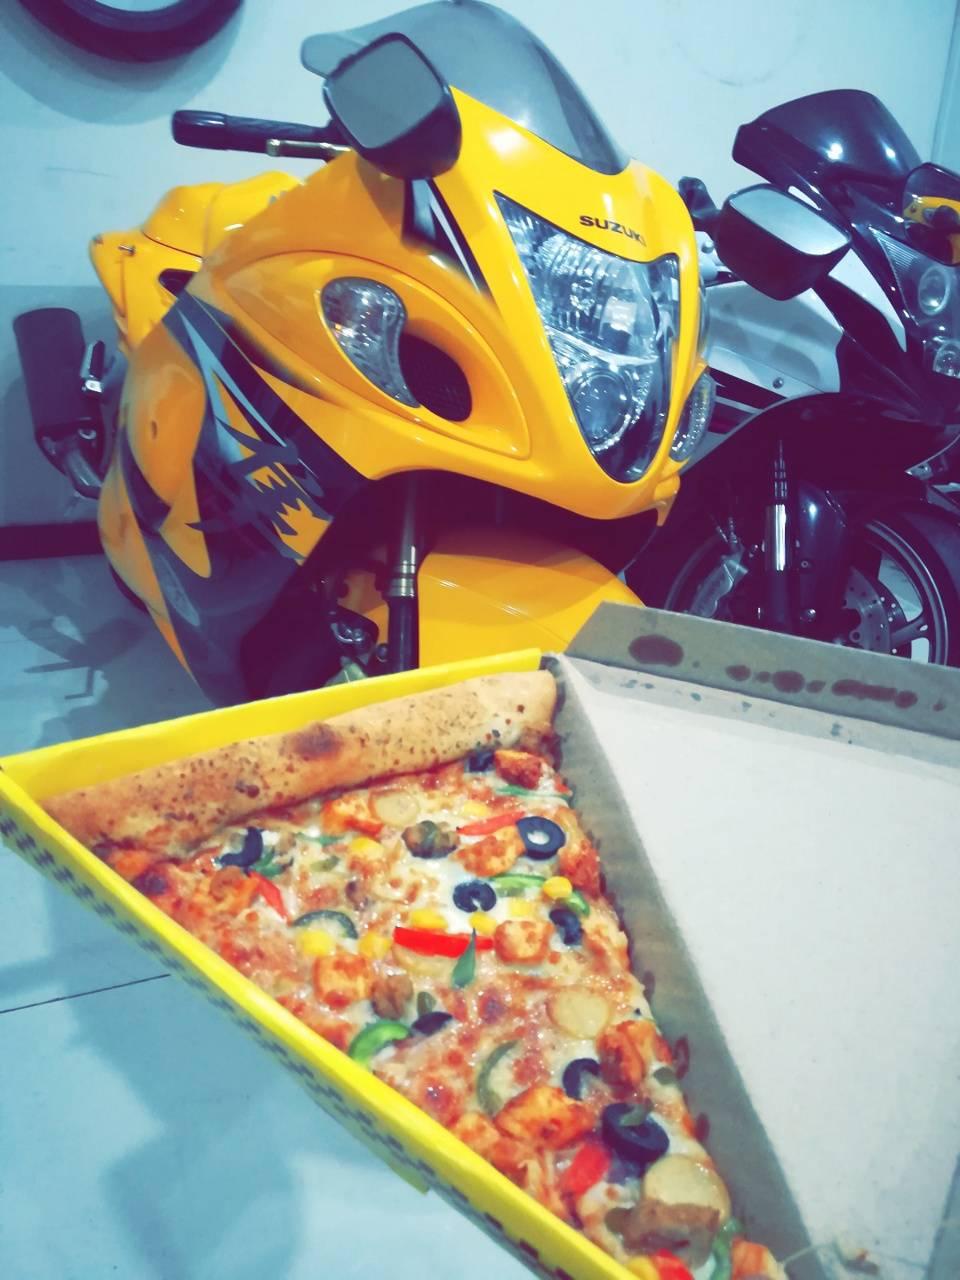 Hayabusa and pizza